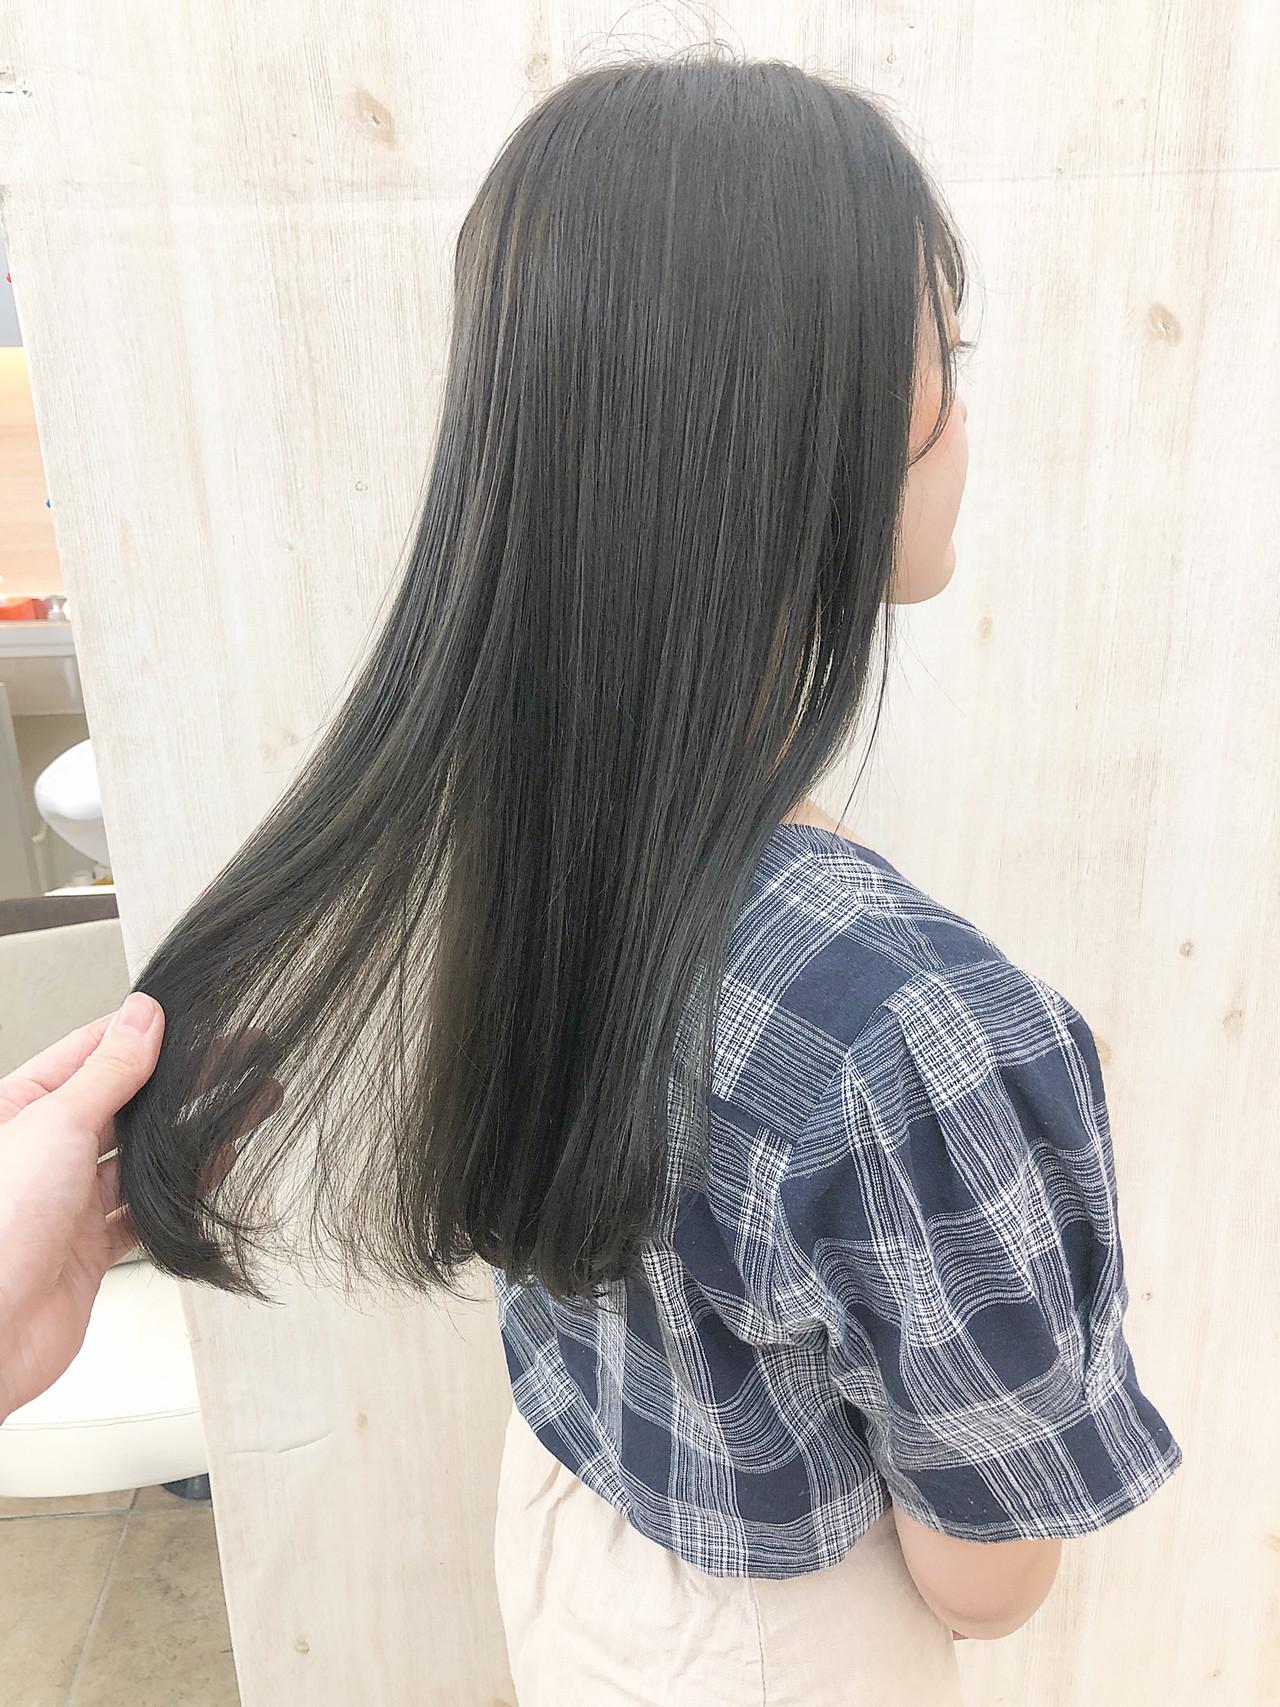 ロング デート ナチュラル ブルーブラック ヘアスタイルや髪型の写真・画像 | befine becs 下川 千尋 / Befine becs